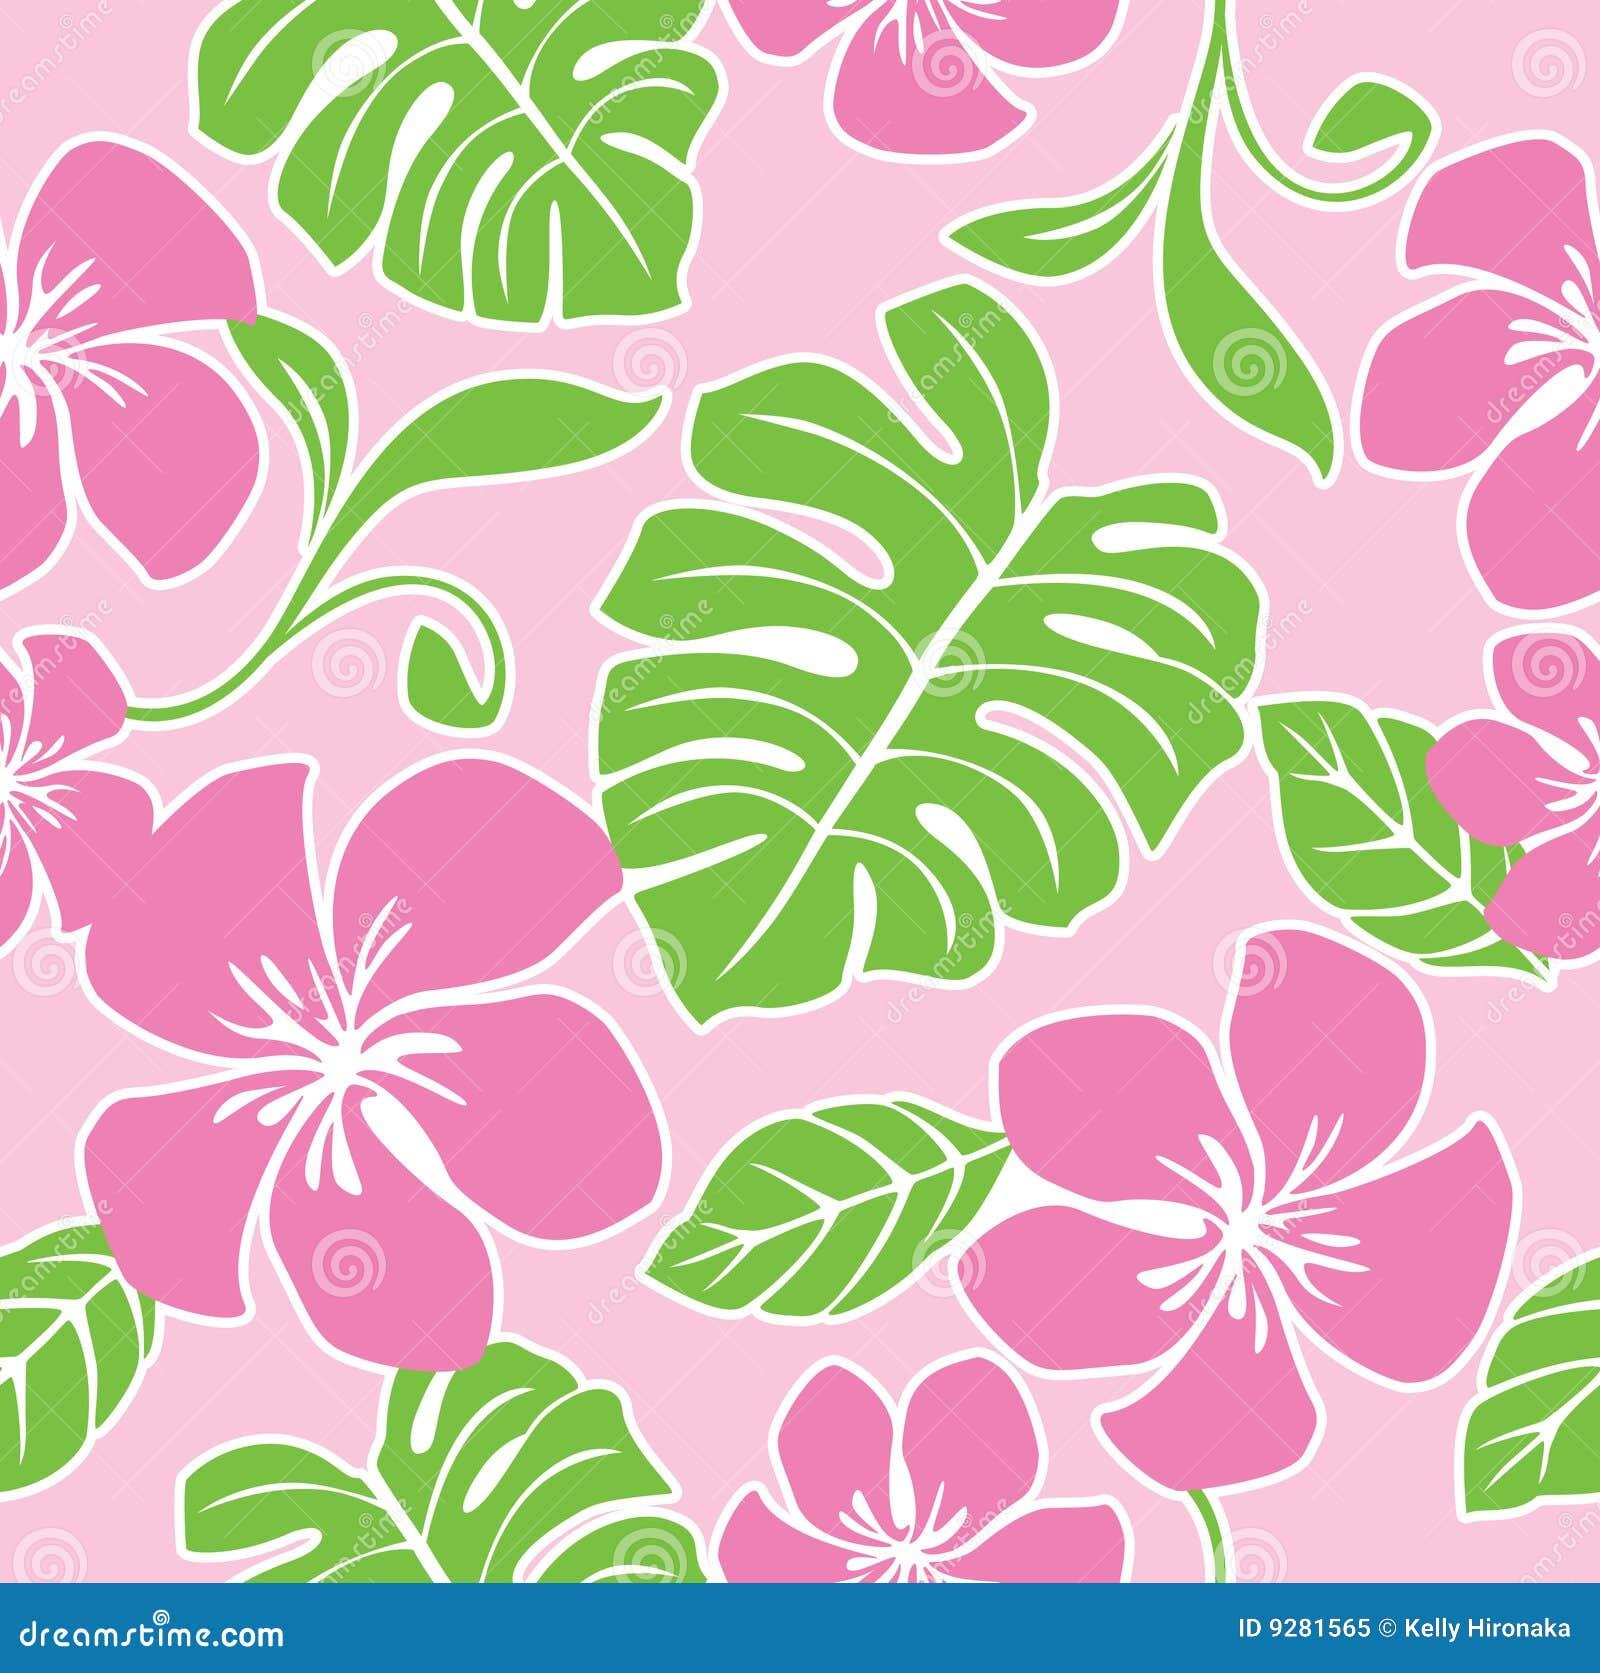 Nahtloses Hawaii-Sommer-Muster Vektor Abbildung - Bild 9281565